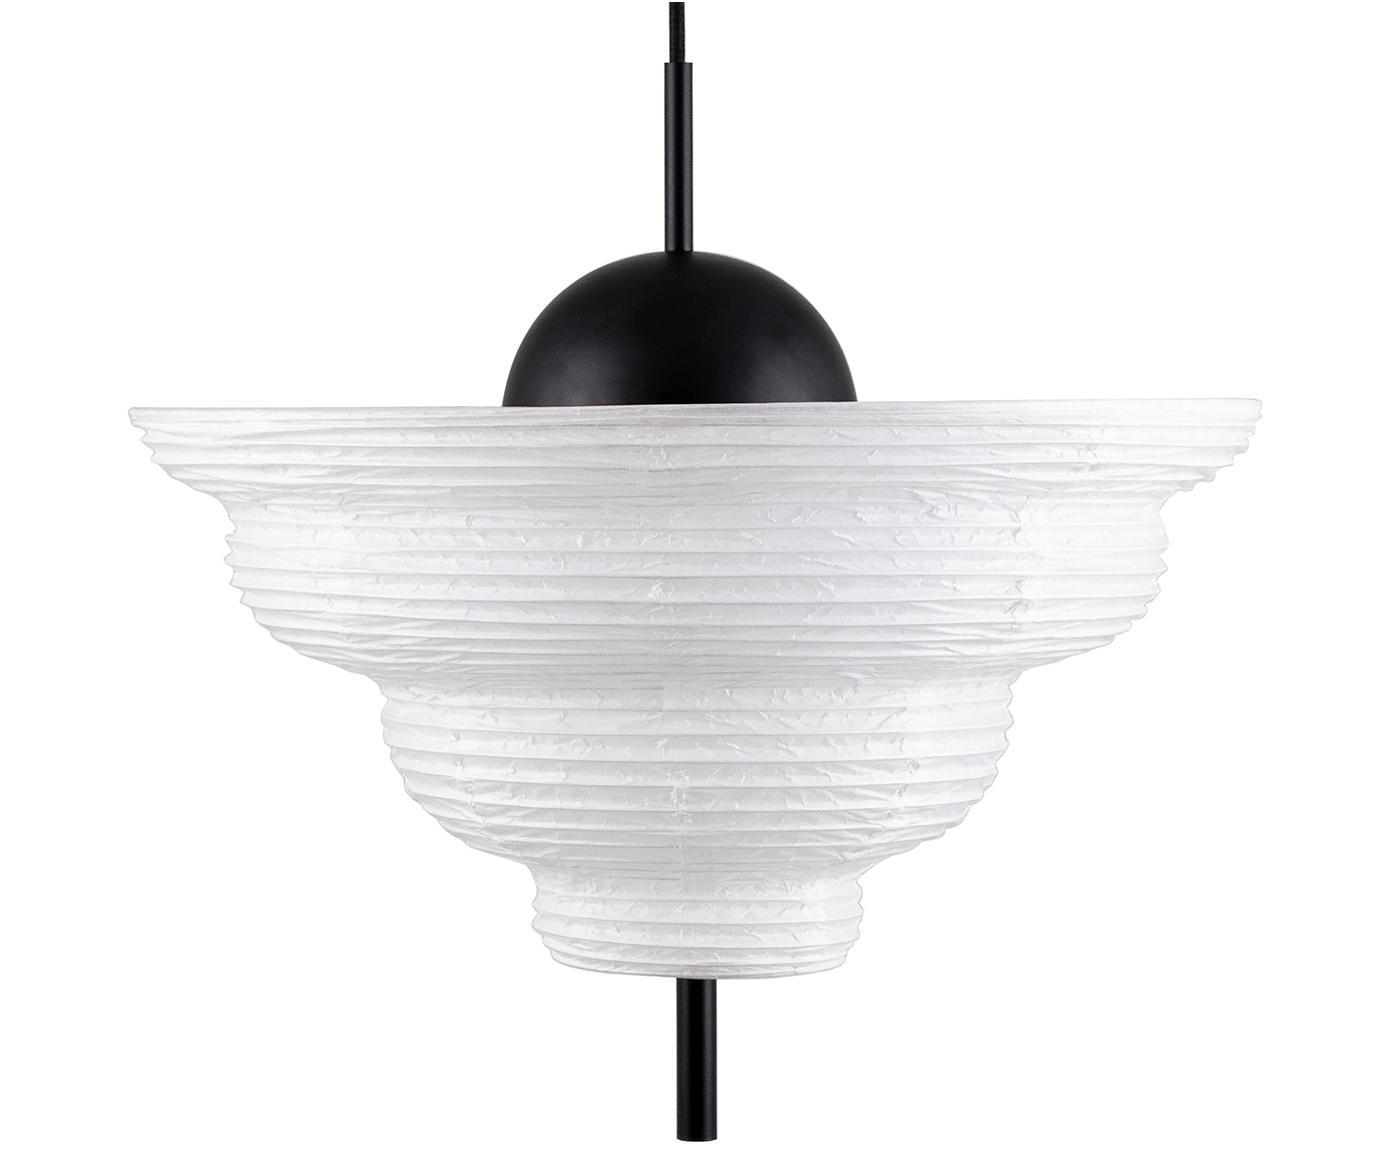 Pendelleuchte Kyoto aus Reispapier, Lampenschirm: Reispapier, Weiß, Schwarz, Ø 45 x H 47 cm